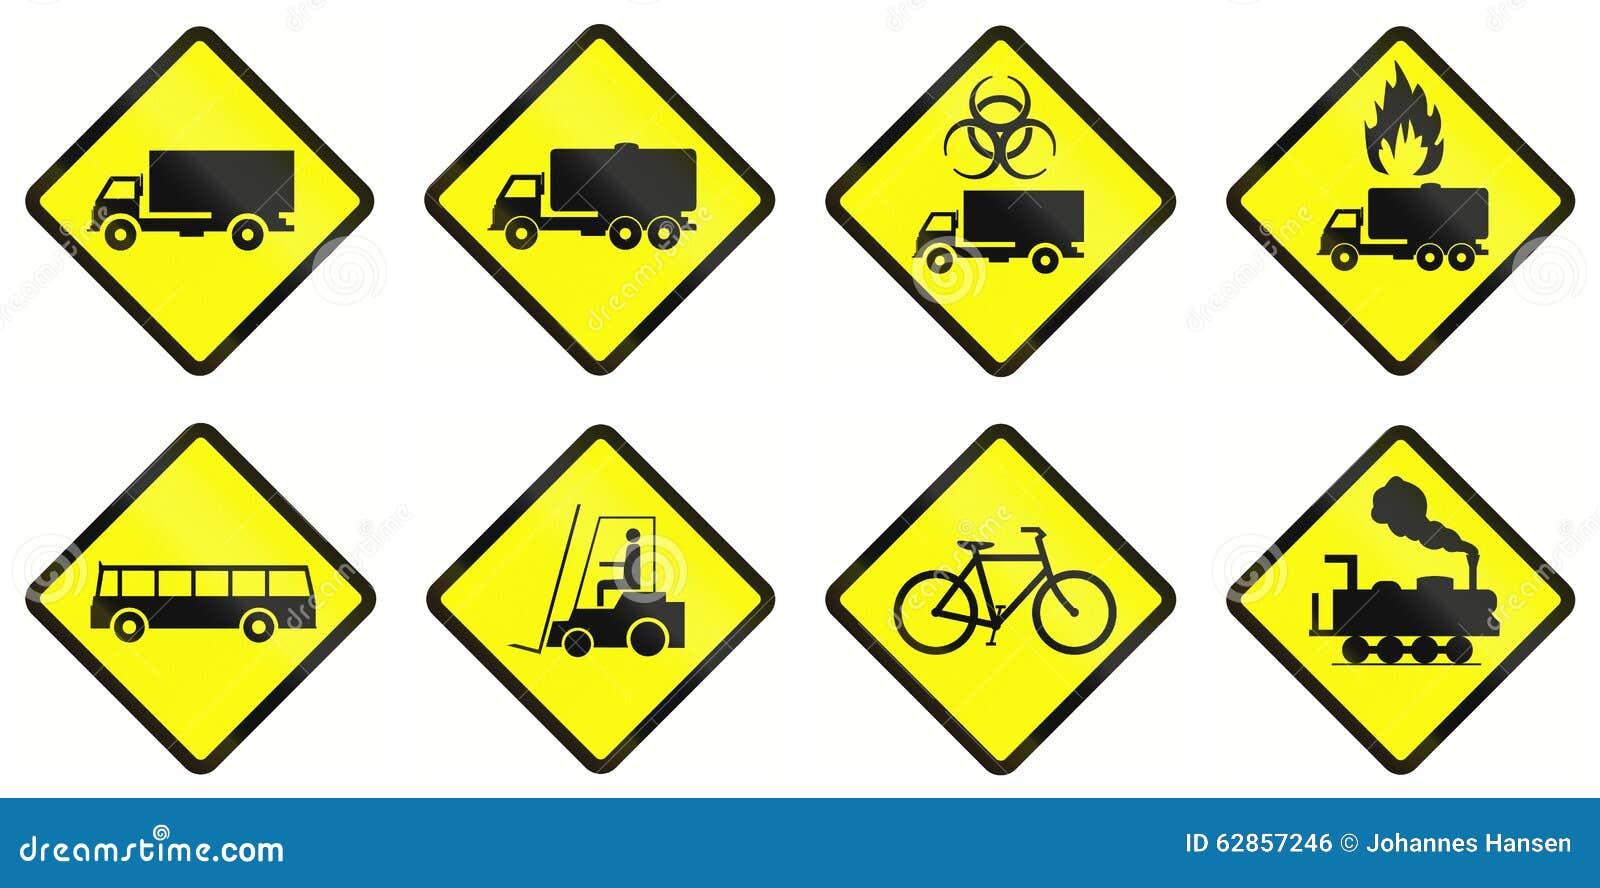 Предупреждающие дорожные знаки в Индонезии